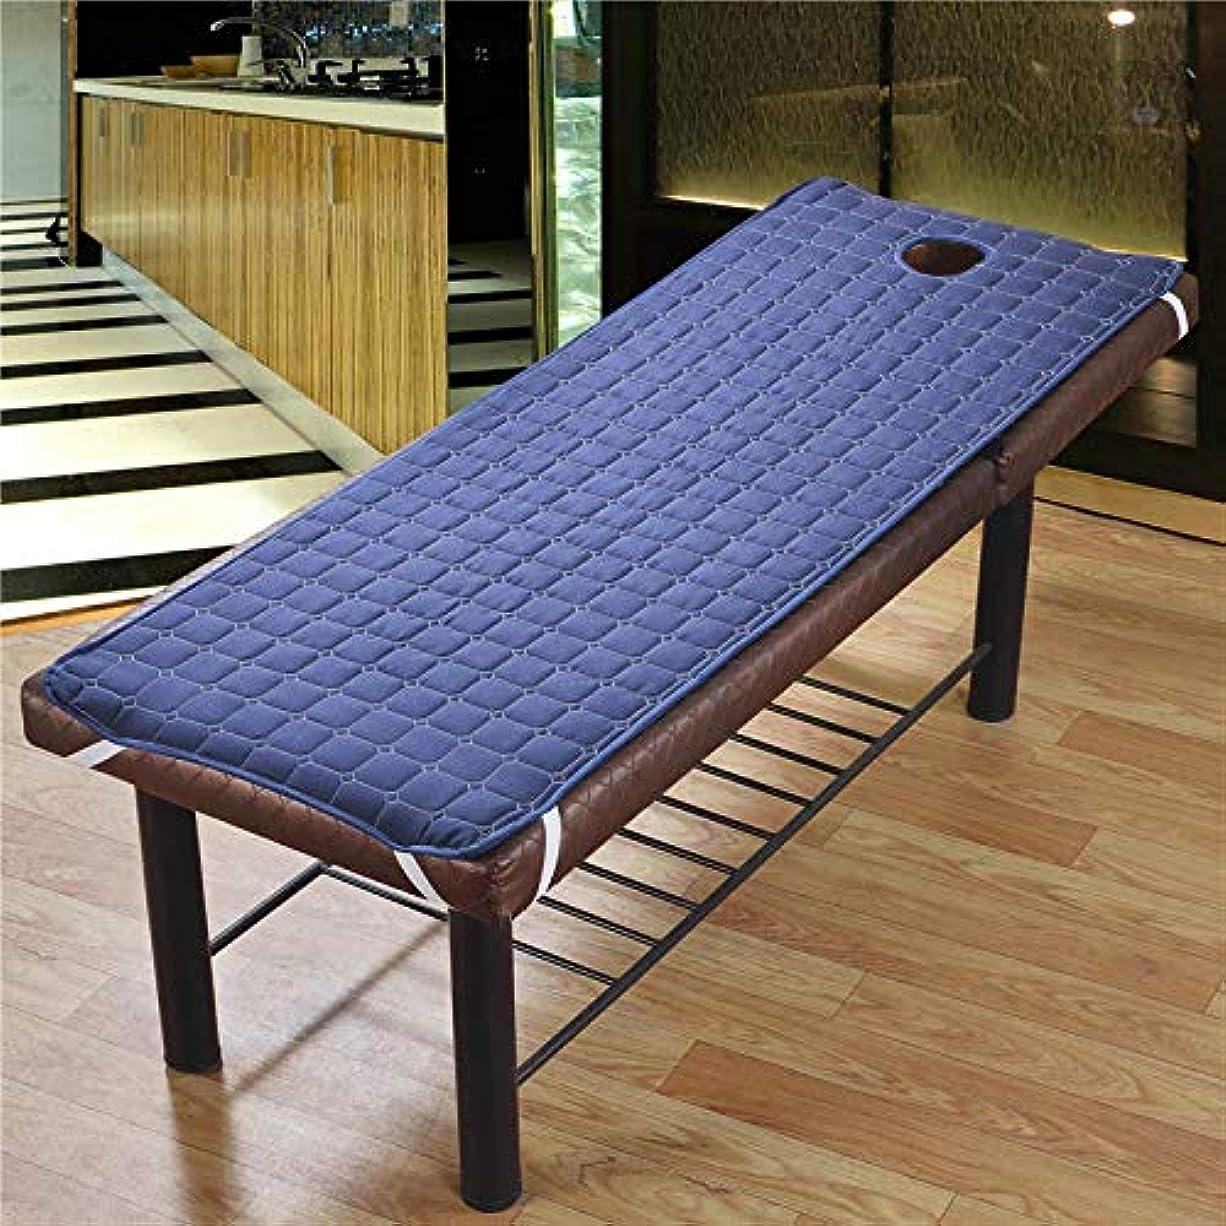 市場マウンド刺しますTenflyer 美容院のマッサージ療法のベッドのための滑り止めのSoliod色の長方形のマットレス